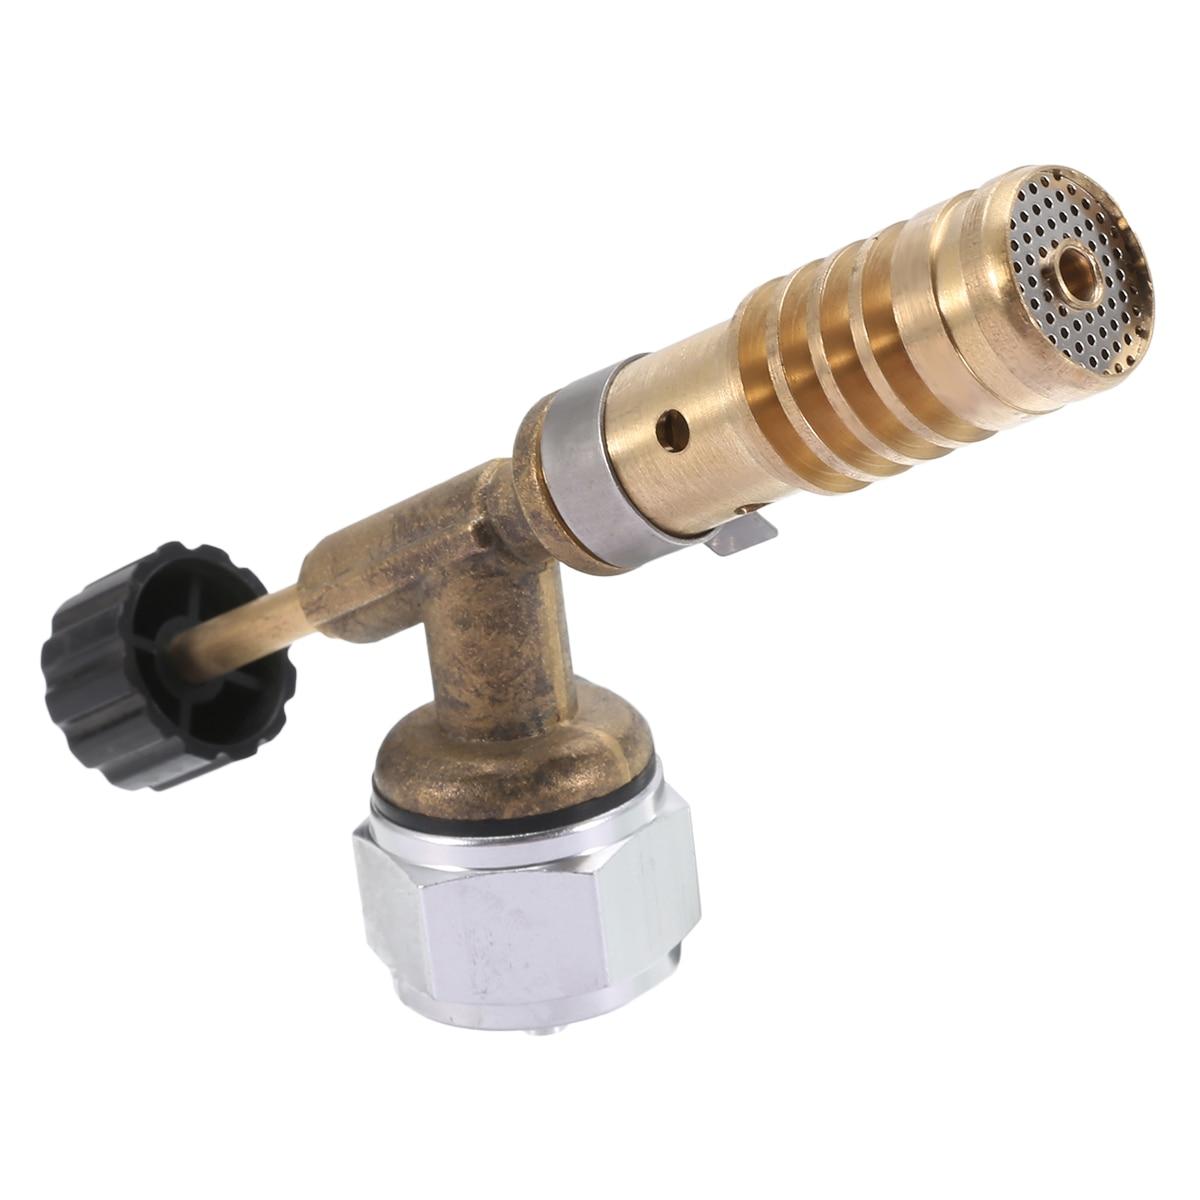 Новый латунный mapp-газ факел пайки пропан сопла прочная Сварка нагревание горелки для американских МАПП цилиндров 135*45*25 мм